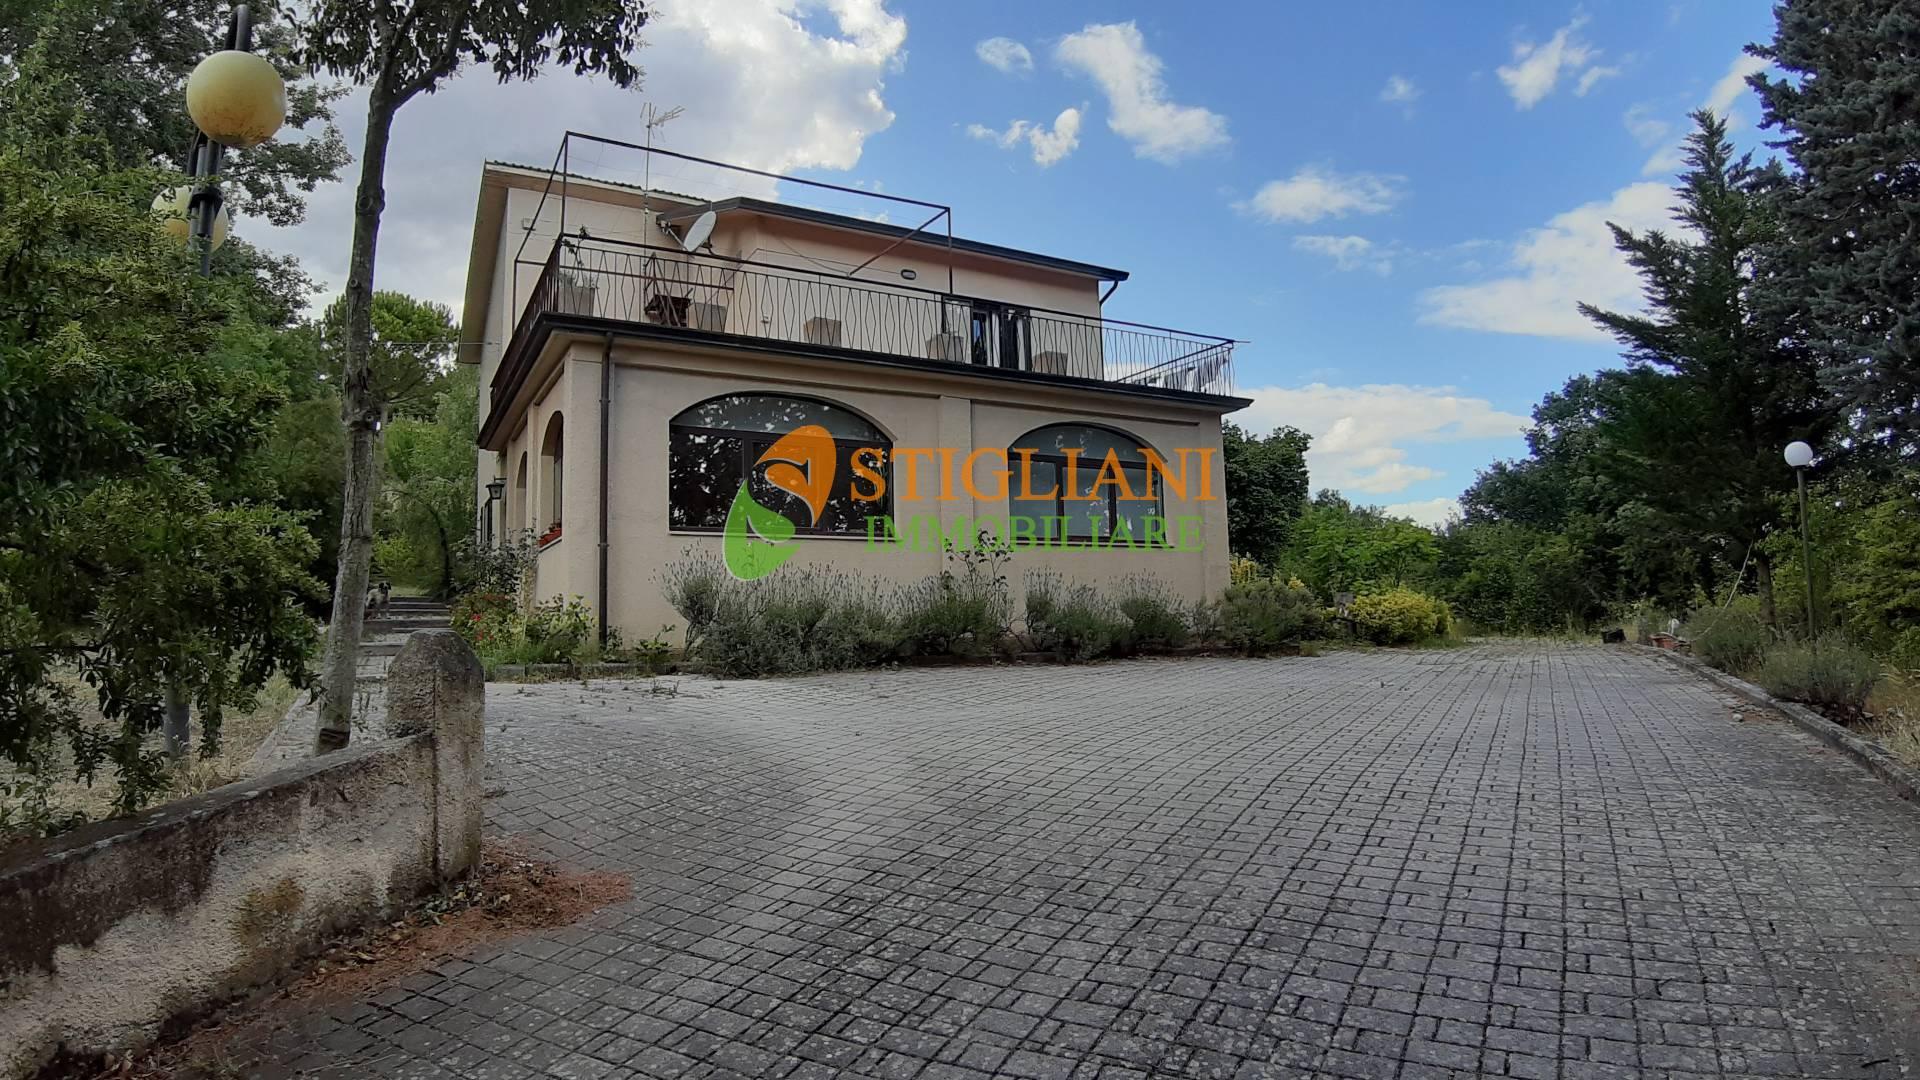 Villa in vendita a Ferrazzano, 1 locali, zona Località: C.daCollePalumbo, prezzo € 159.000 | CambioCasa.it